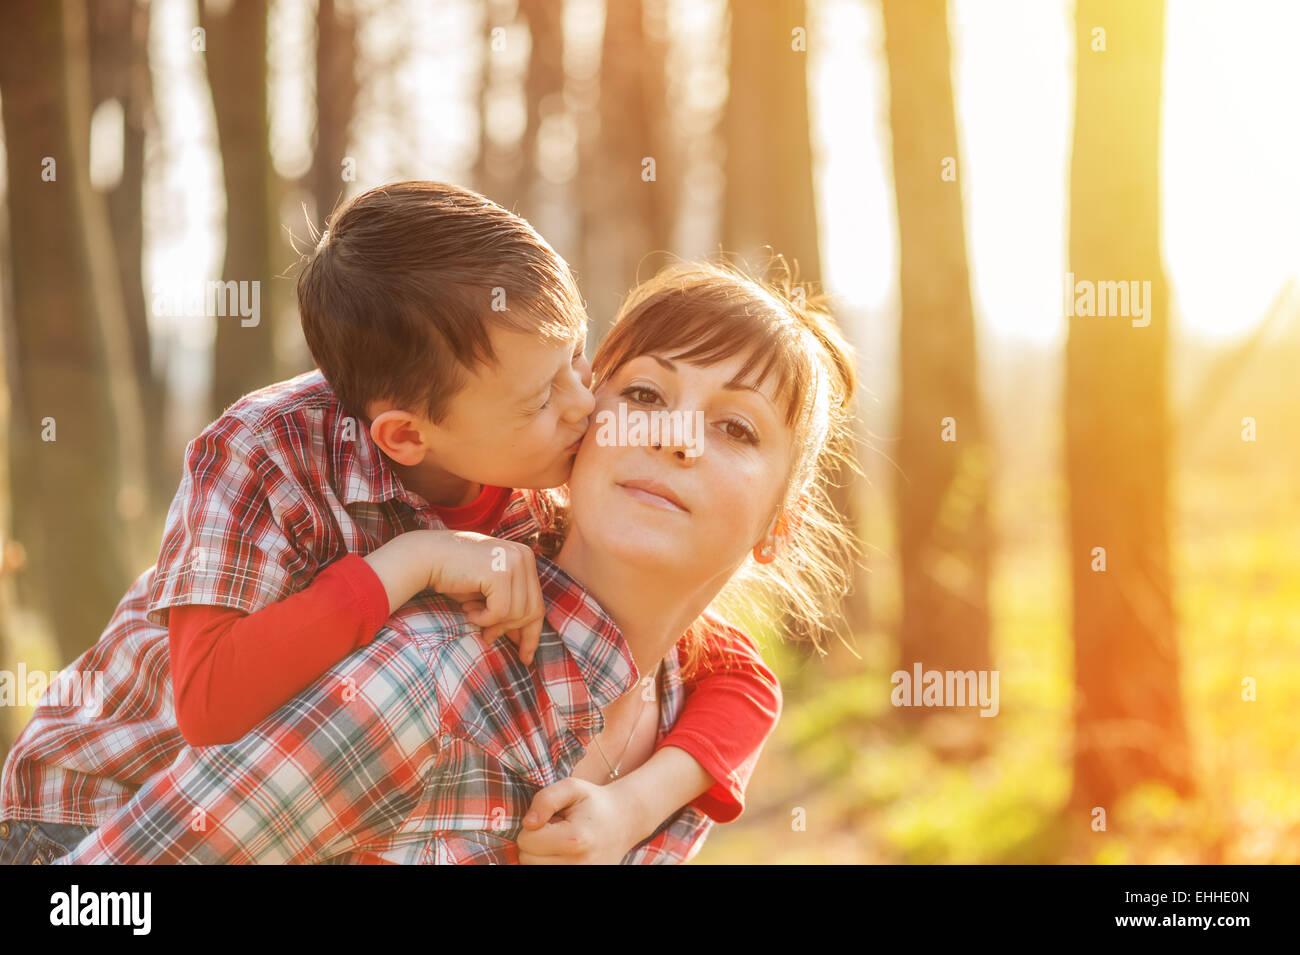 Chico y mamá se divierten en el parque Imagen De Stock